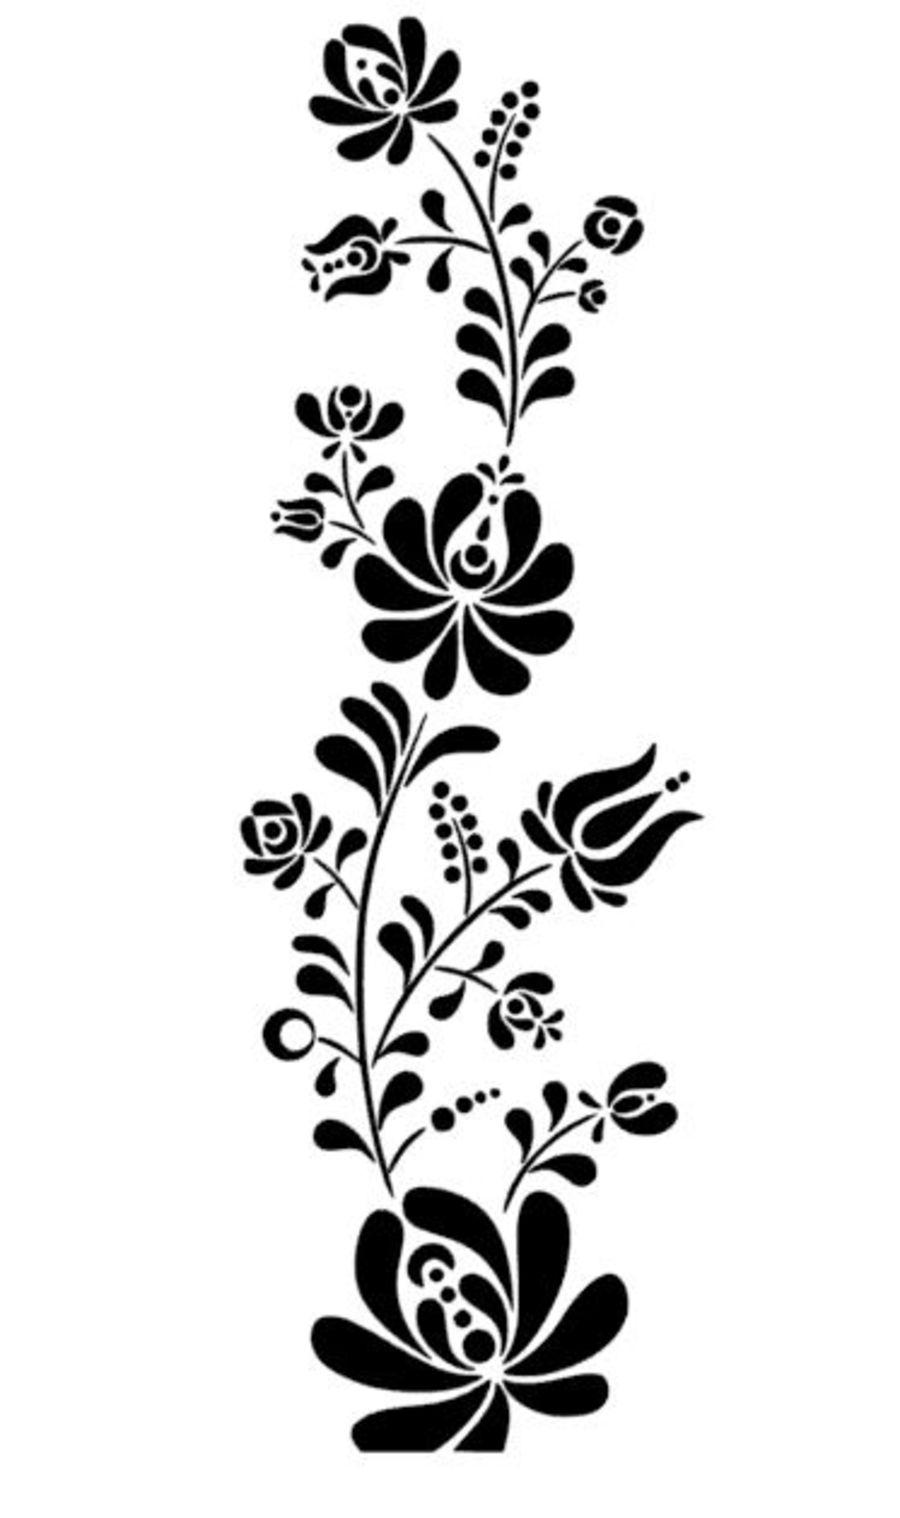 floral design flower stencil